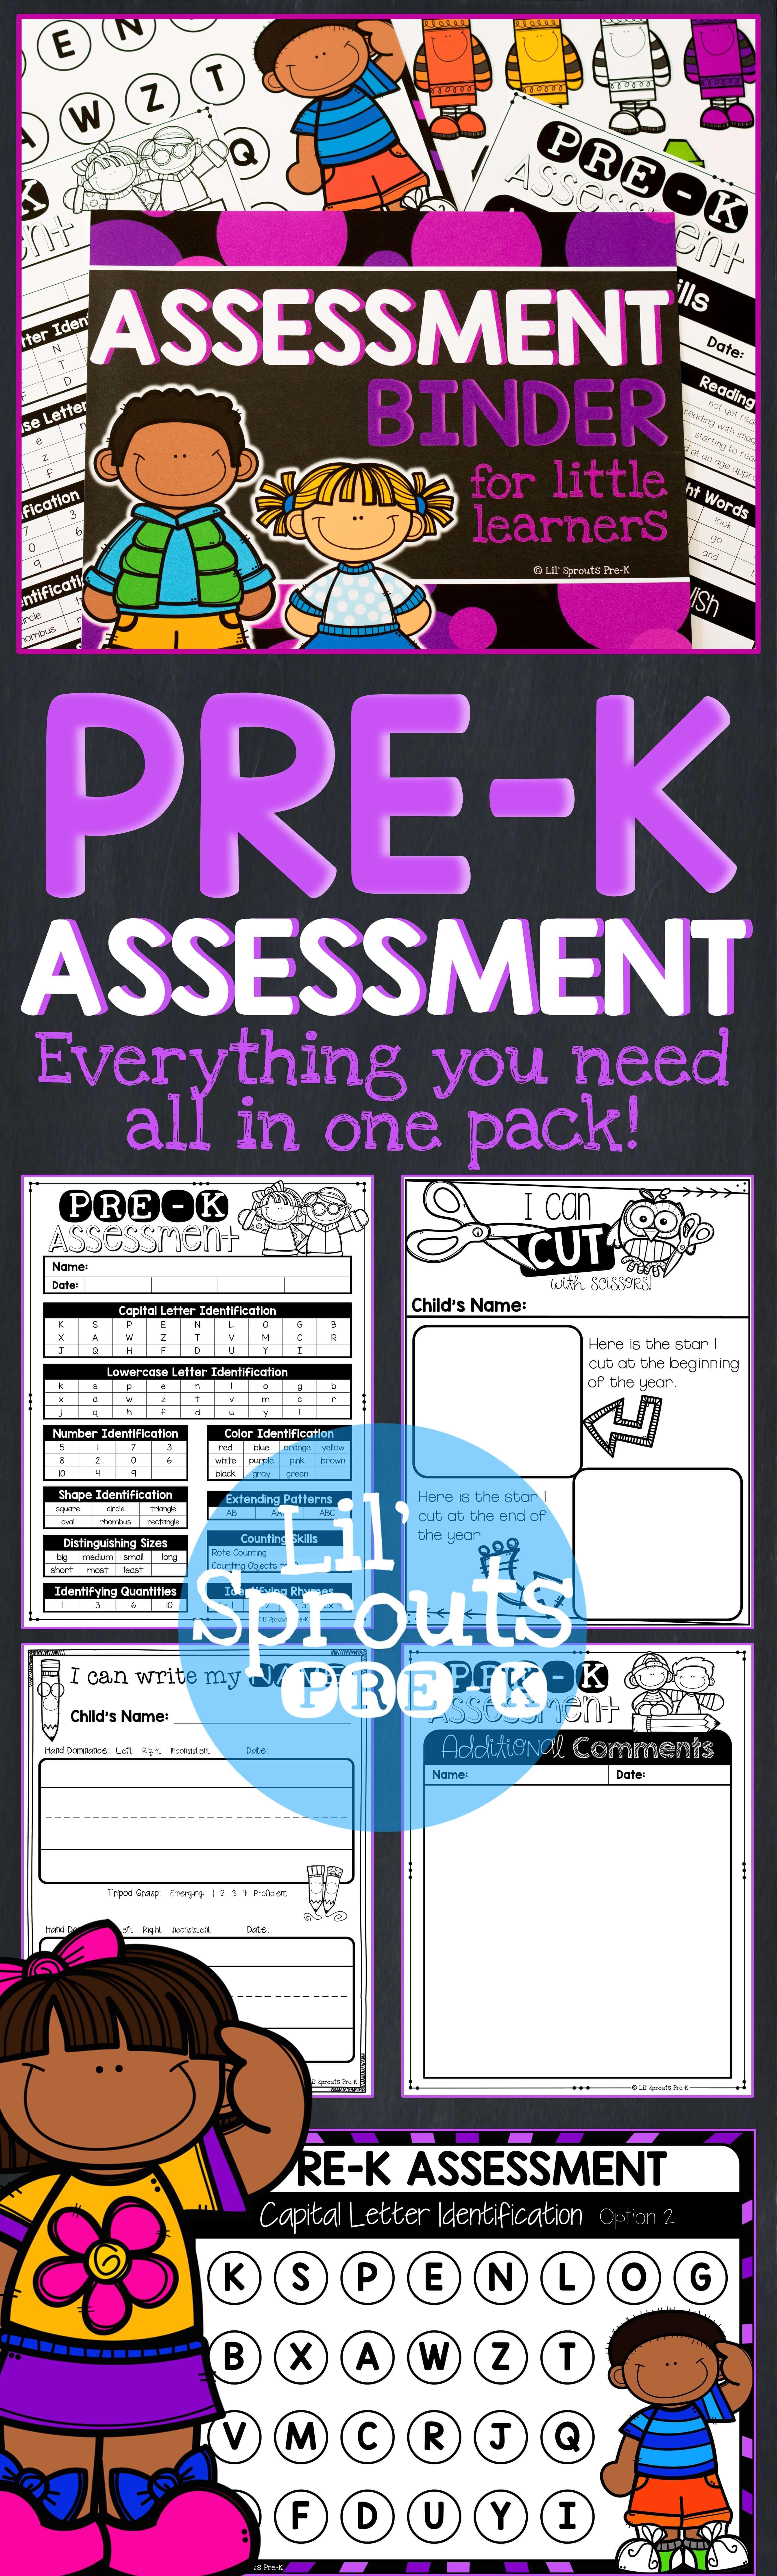 Pre K Assessment PreK Assessment Pack for Back to School